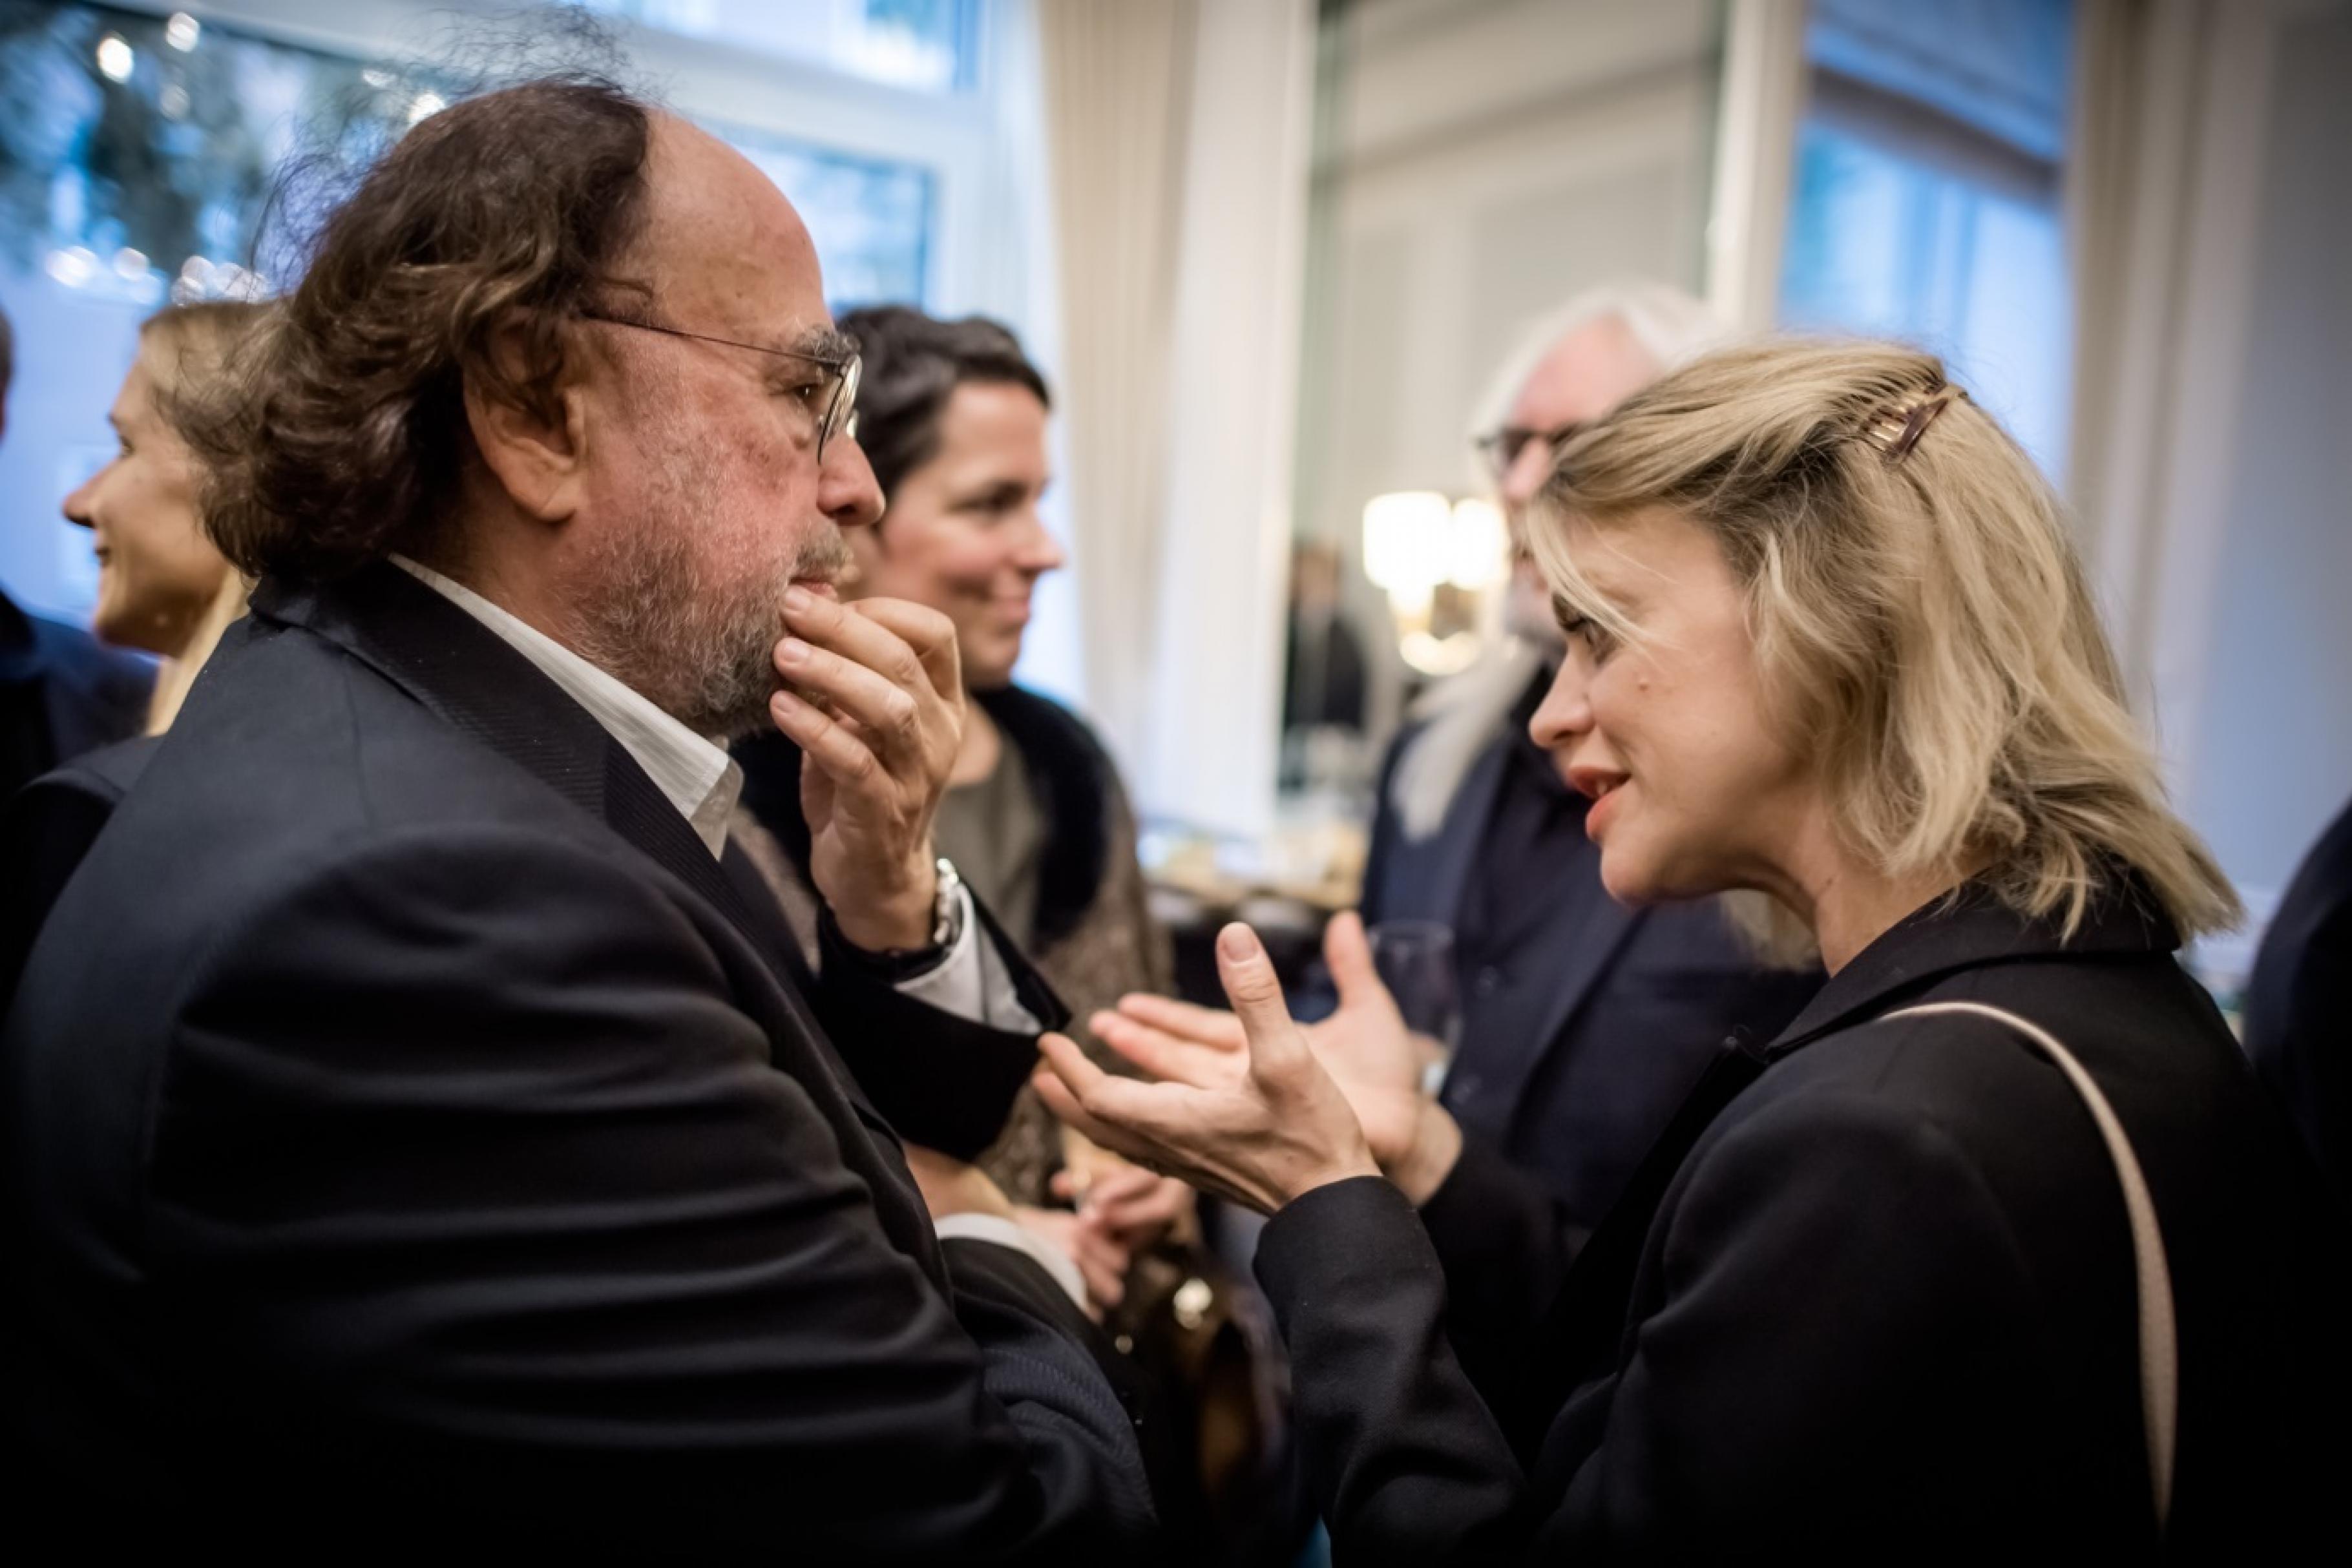 Heike Makatsch und Alfred Platow, Gründer und Vorstandsvorsitzender von Ökoworld, im Gespräch.